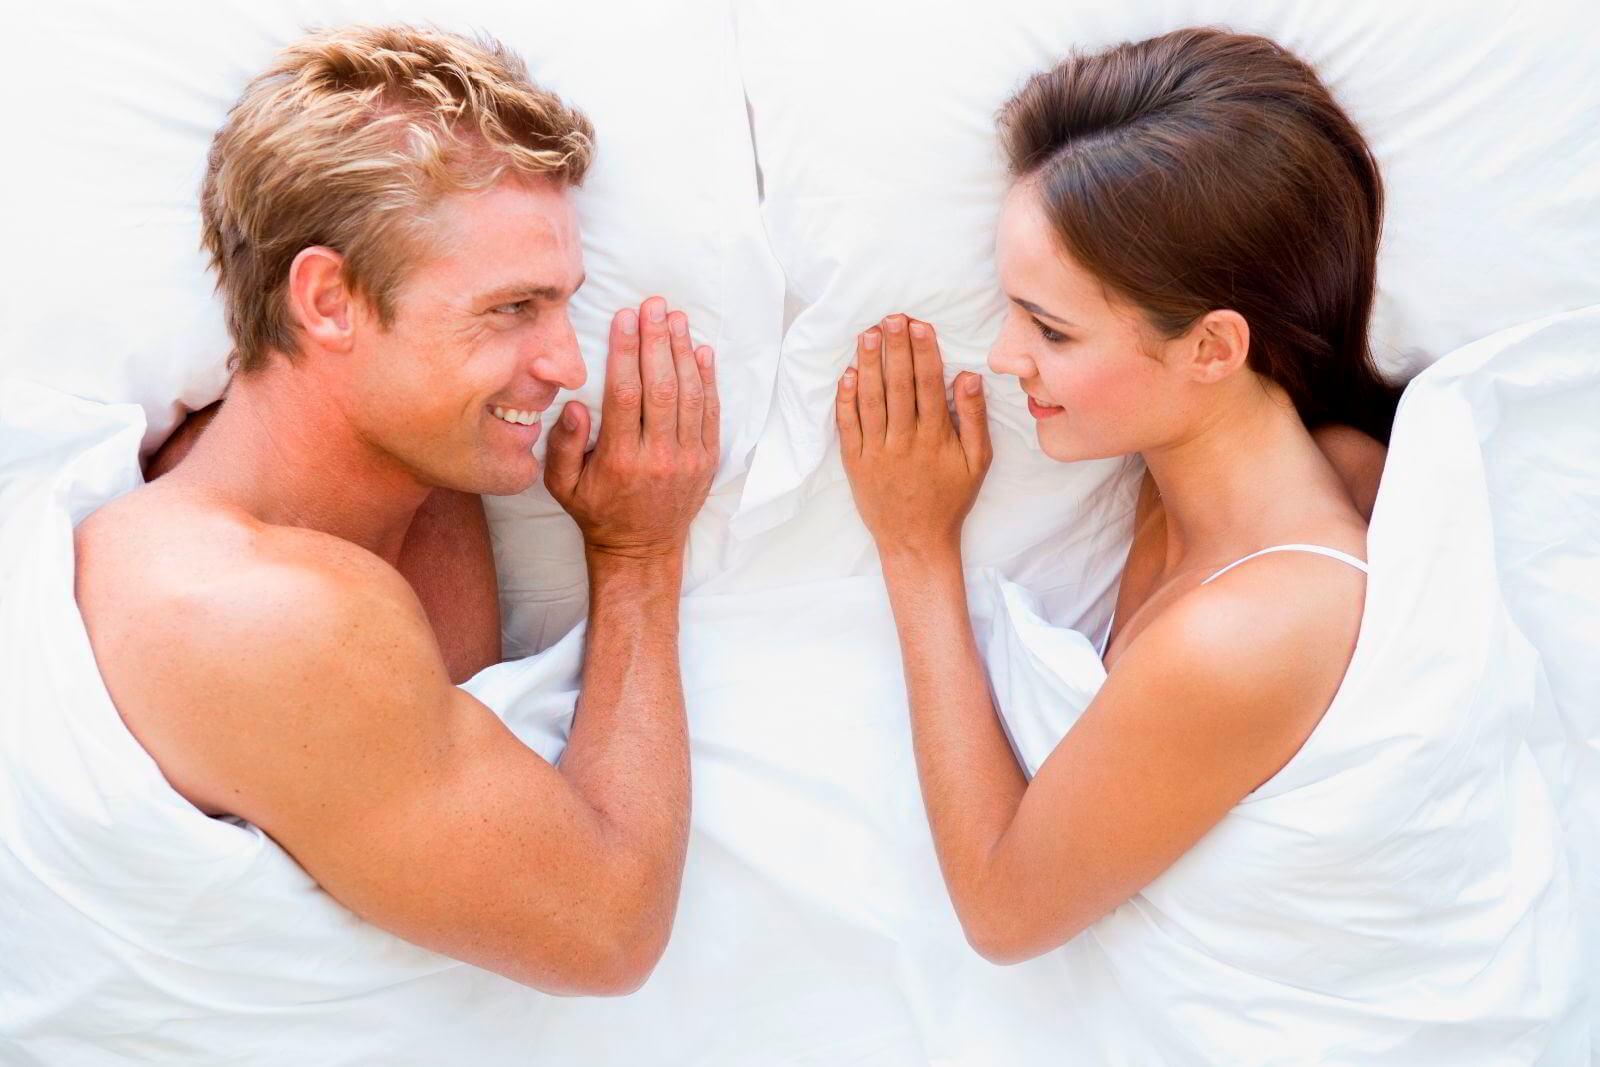 Секс без любви это отношения на одну ночь